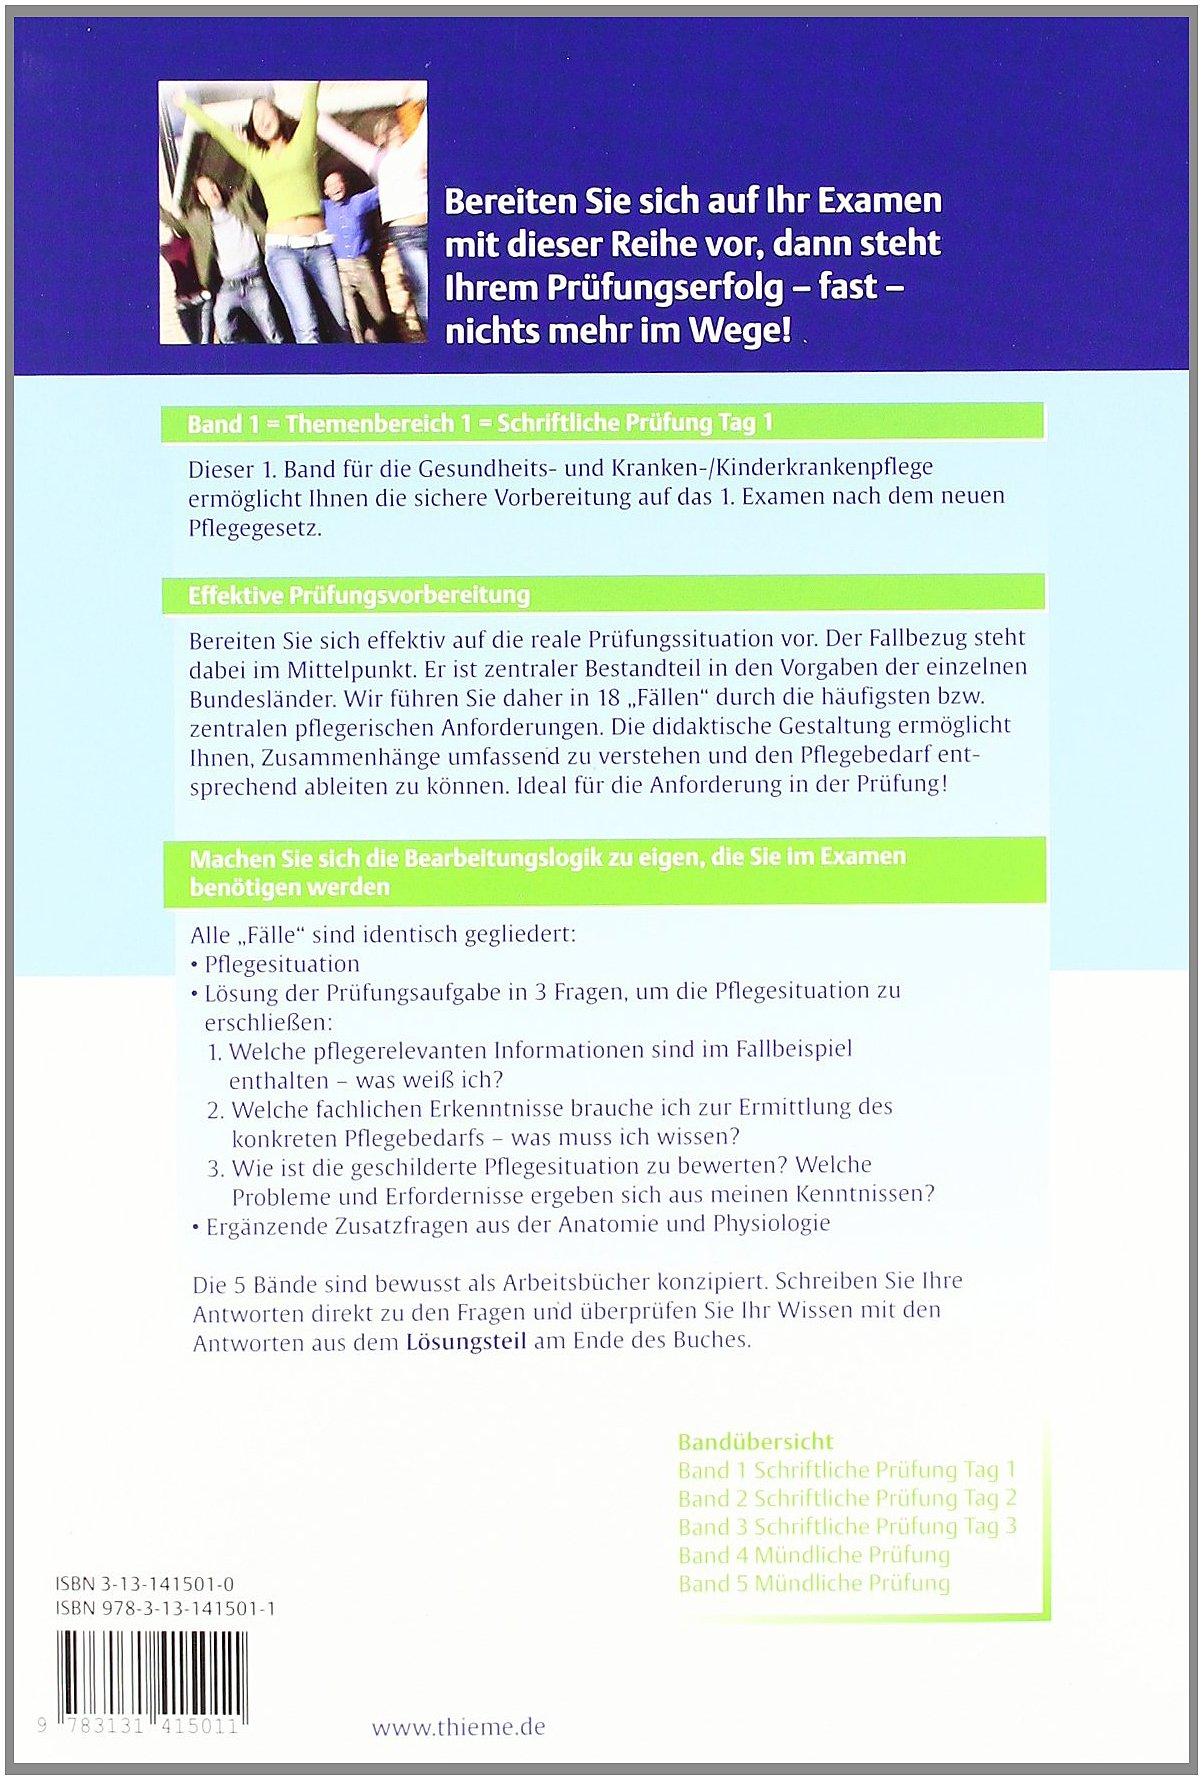 Schriftliche Prüfung Tag 1 Examen Pflege: Amazon.de: Renate Fischer ...